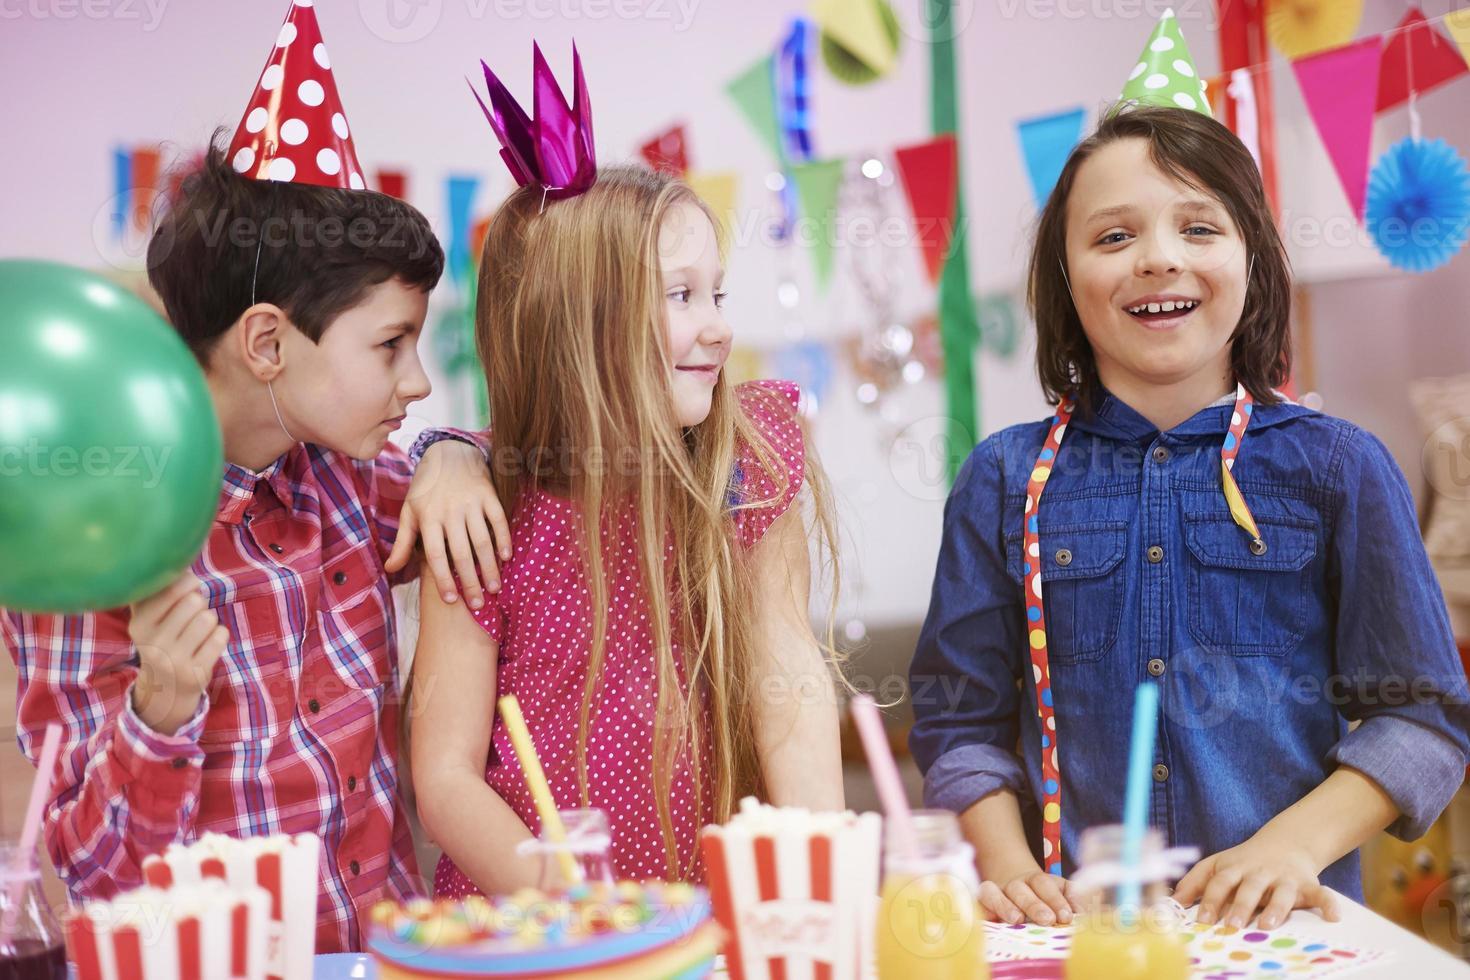 festa de aniversário do nosso amigo foto